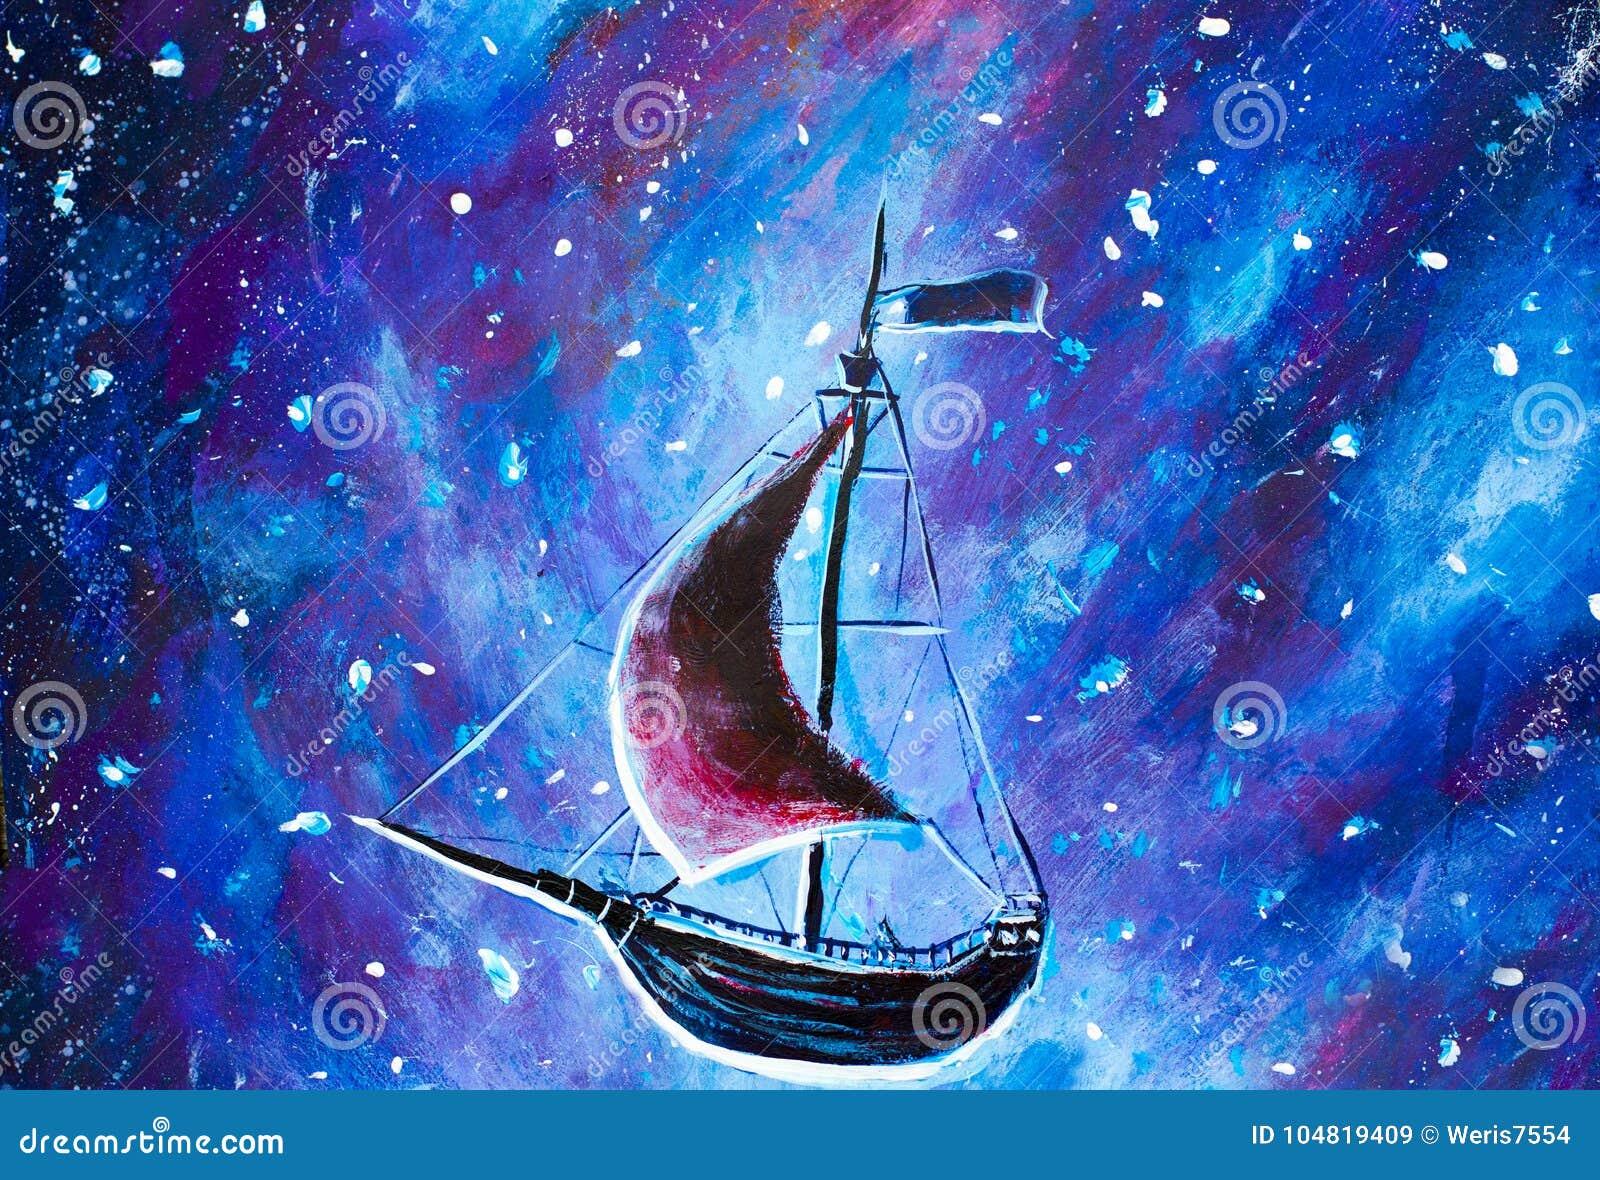 Картина летая старый пиратский корабль Корабль моря летает над звёздным небом Сказка, мечта лоток peter иллюстрация открытка